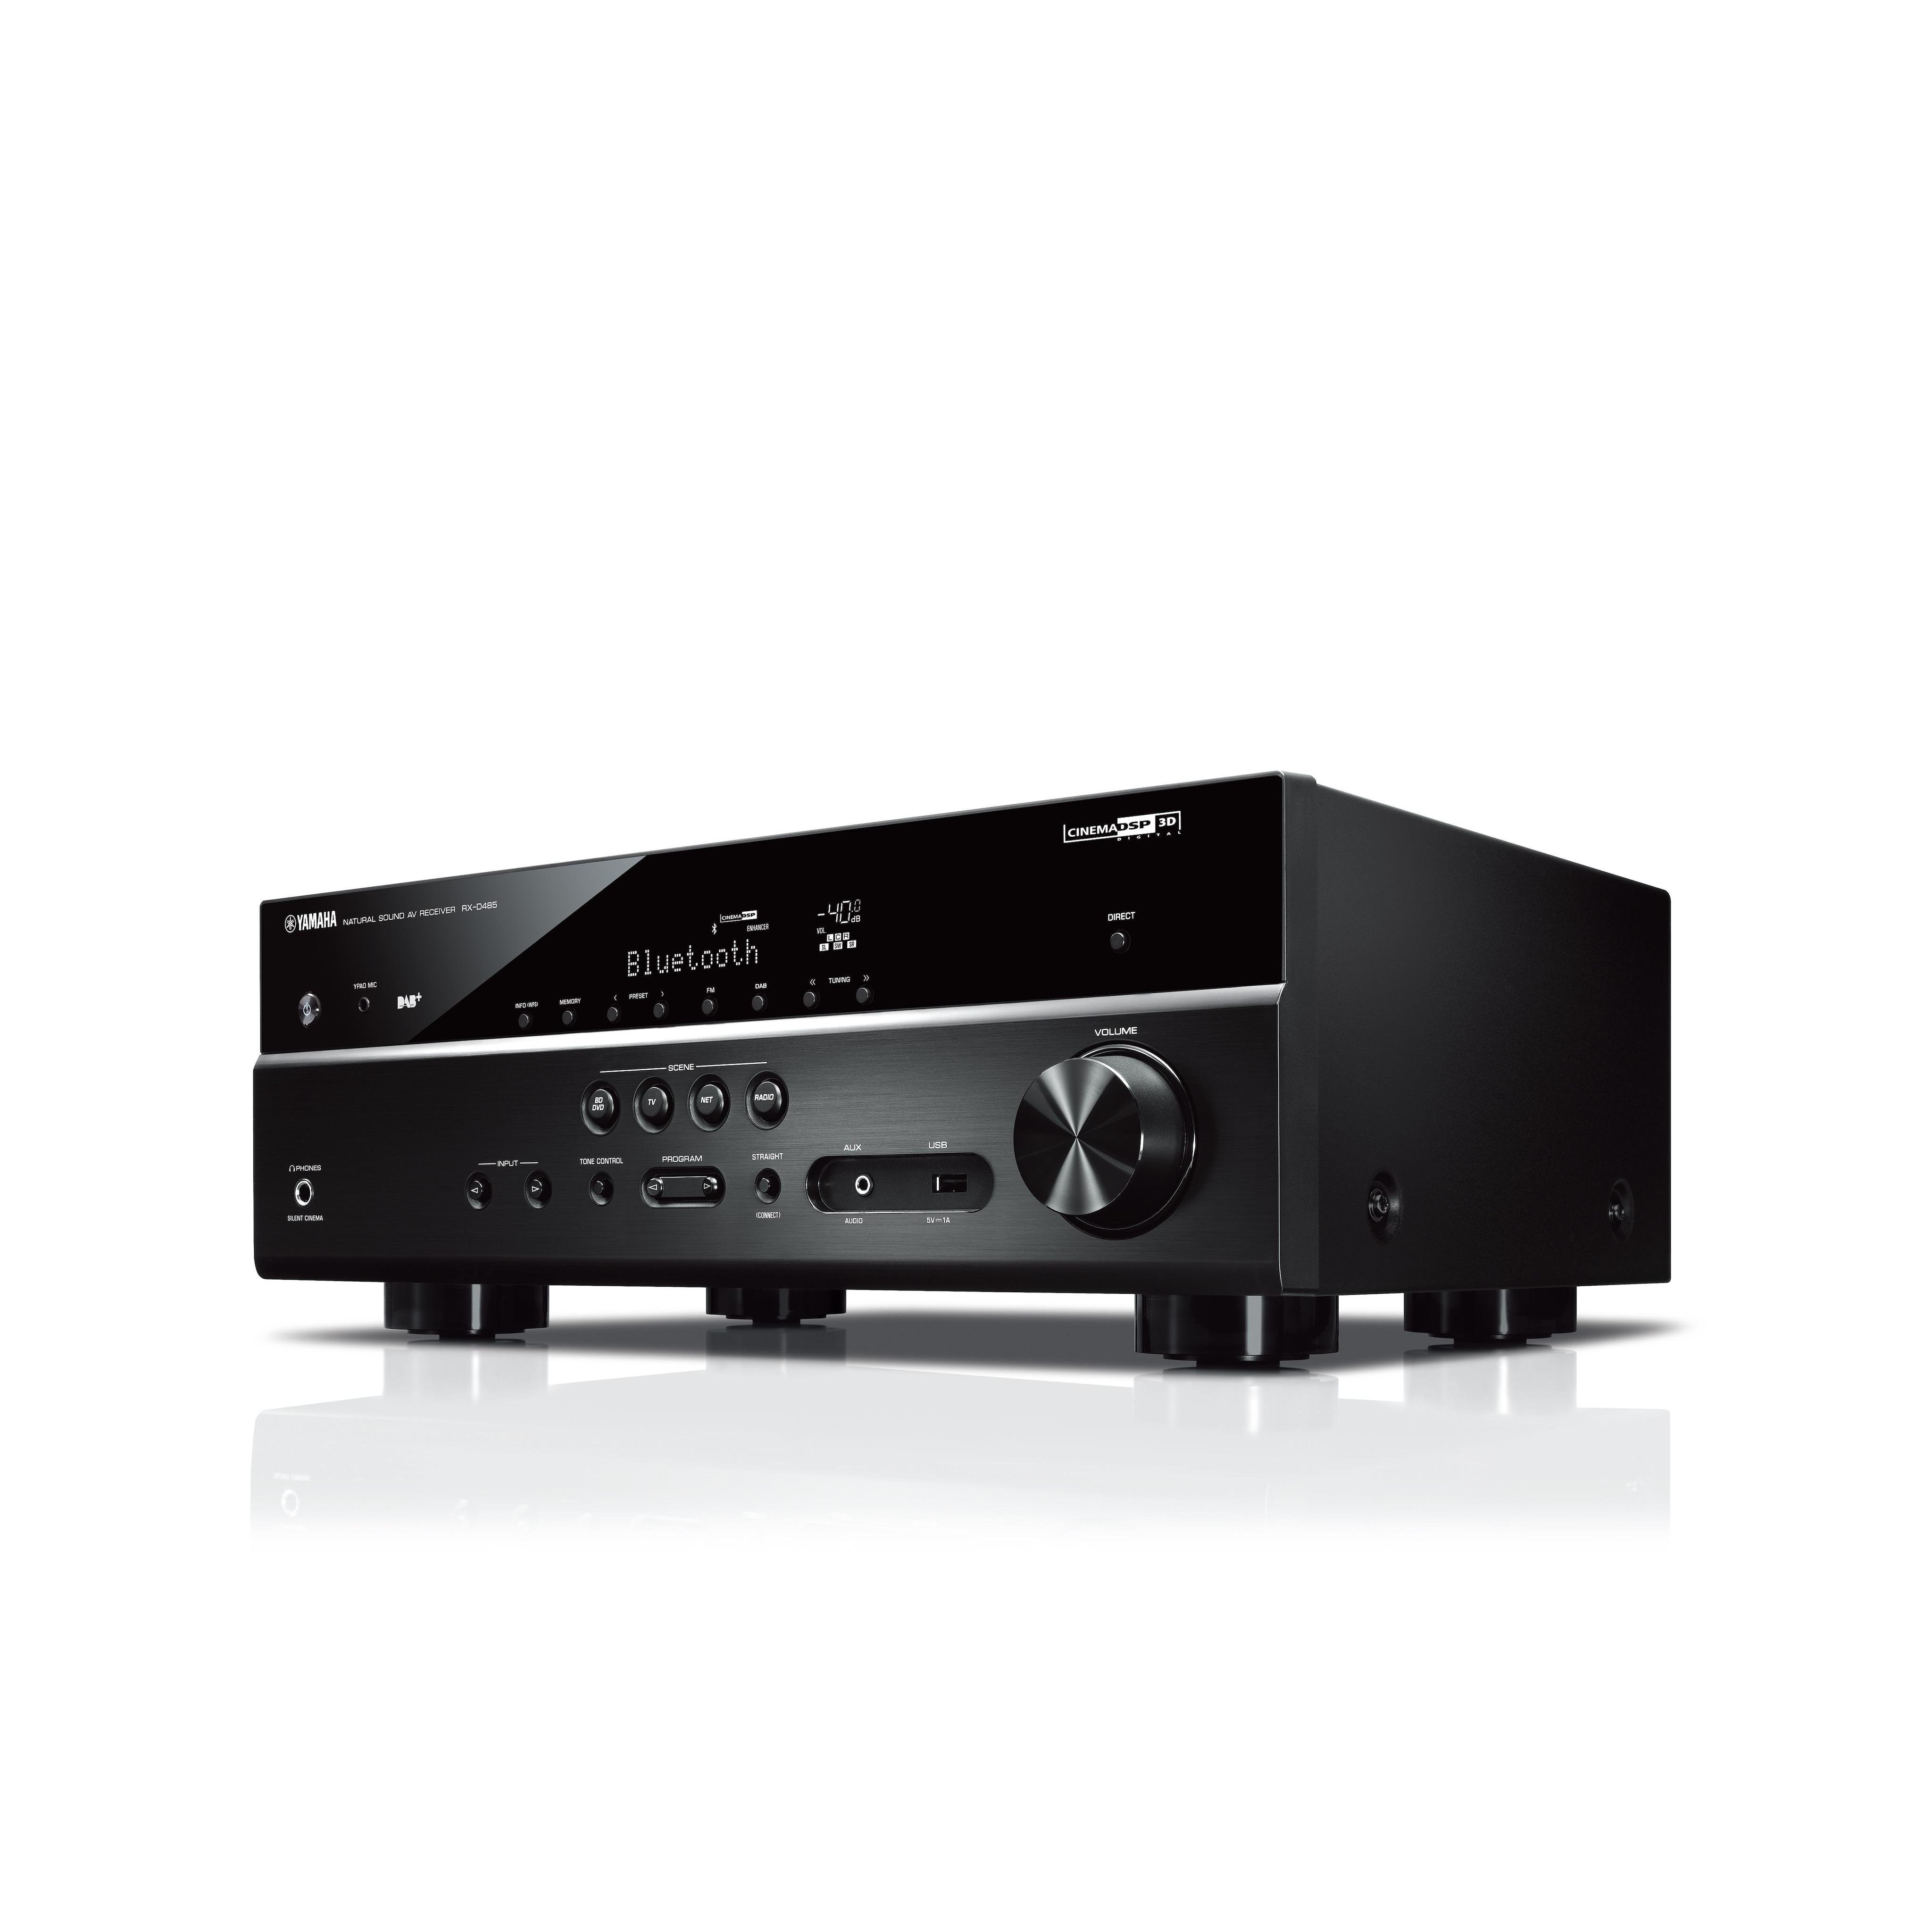 Bluetooth und DAB Tuner Schwarz Yamaha RX-D485 BLACK 5.1 MusicCast AV-Receiver mit Wi-Fi